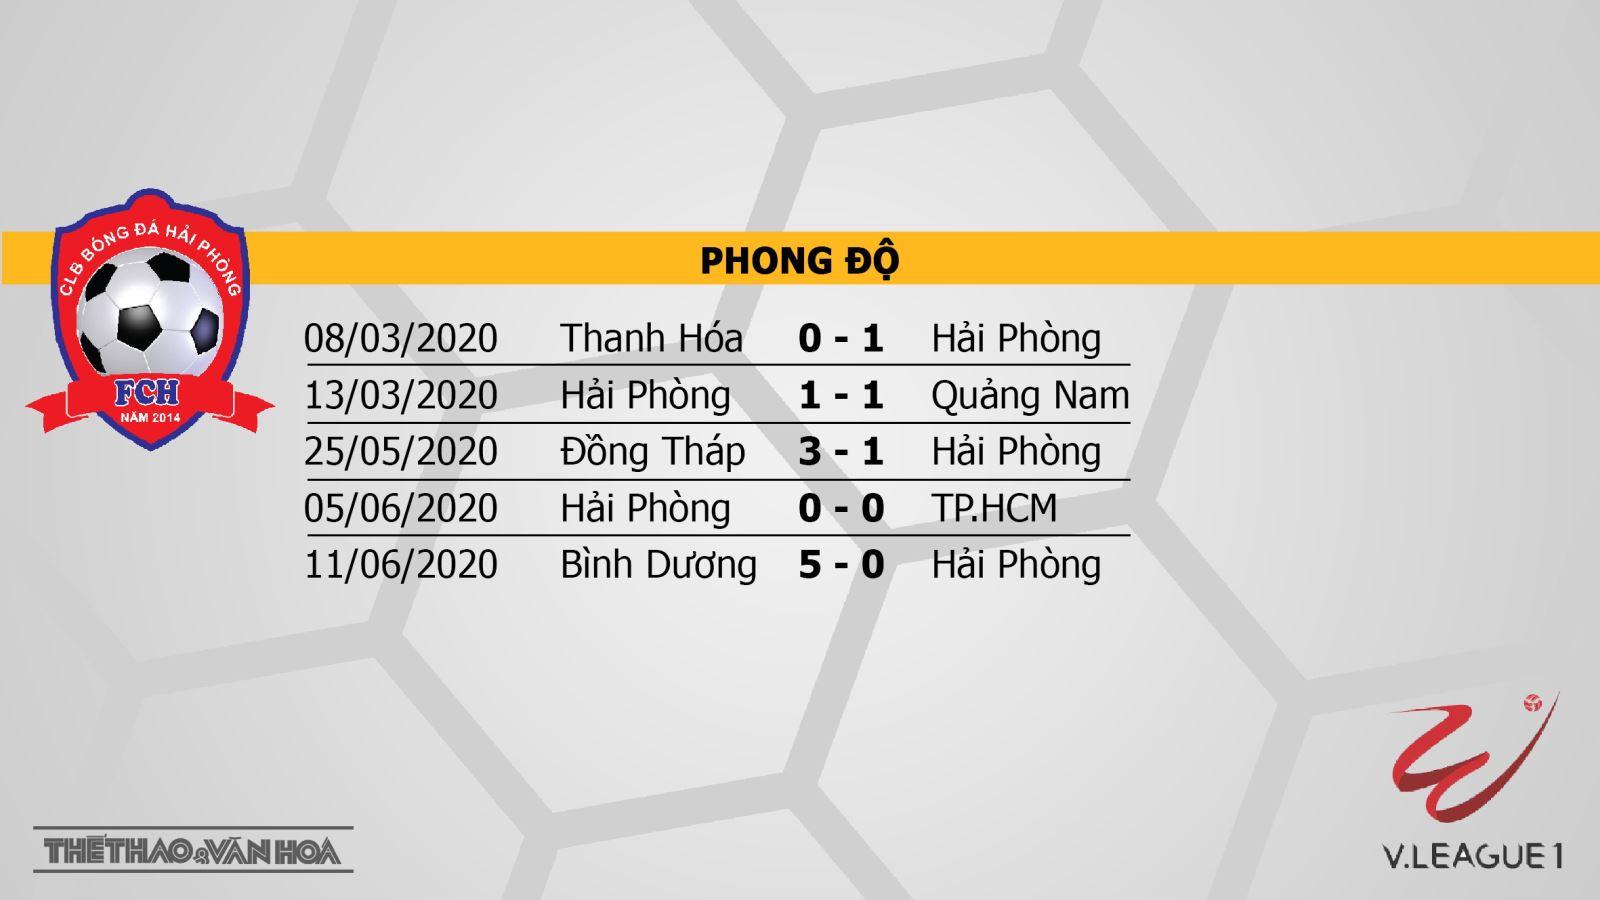 Hải Phòng đấu với Than Quảng Ninh, Hải Phòng, Than Quảng Ninh, soi kèo bóng đá, kèo bóng đá, bong da, bong da hom nay, nhận định, dự đoán